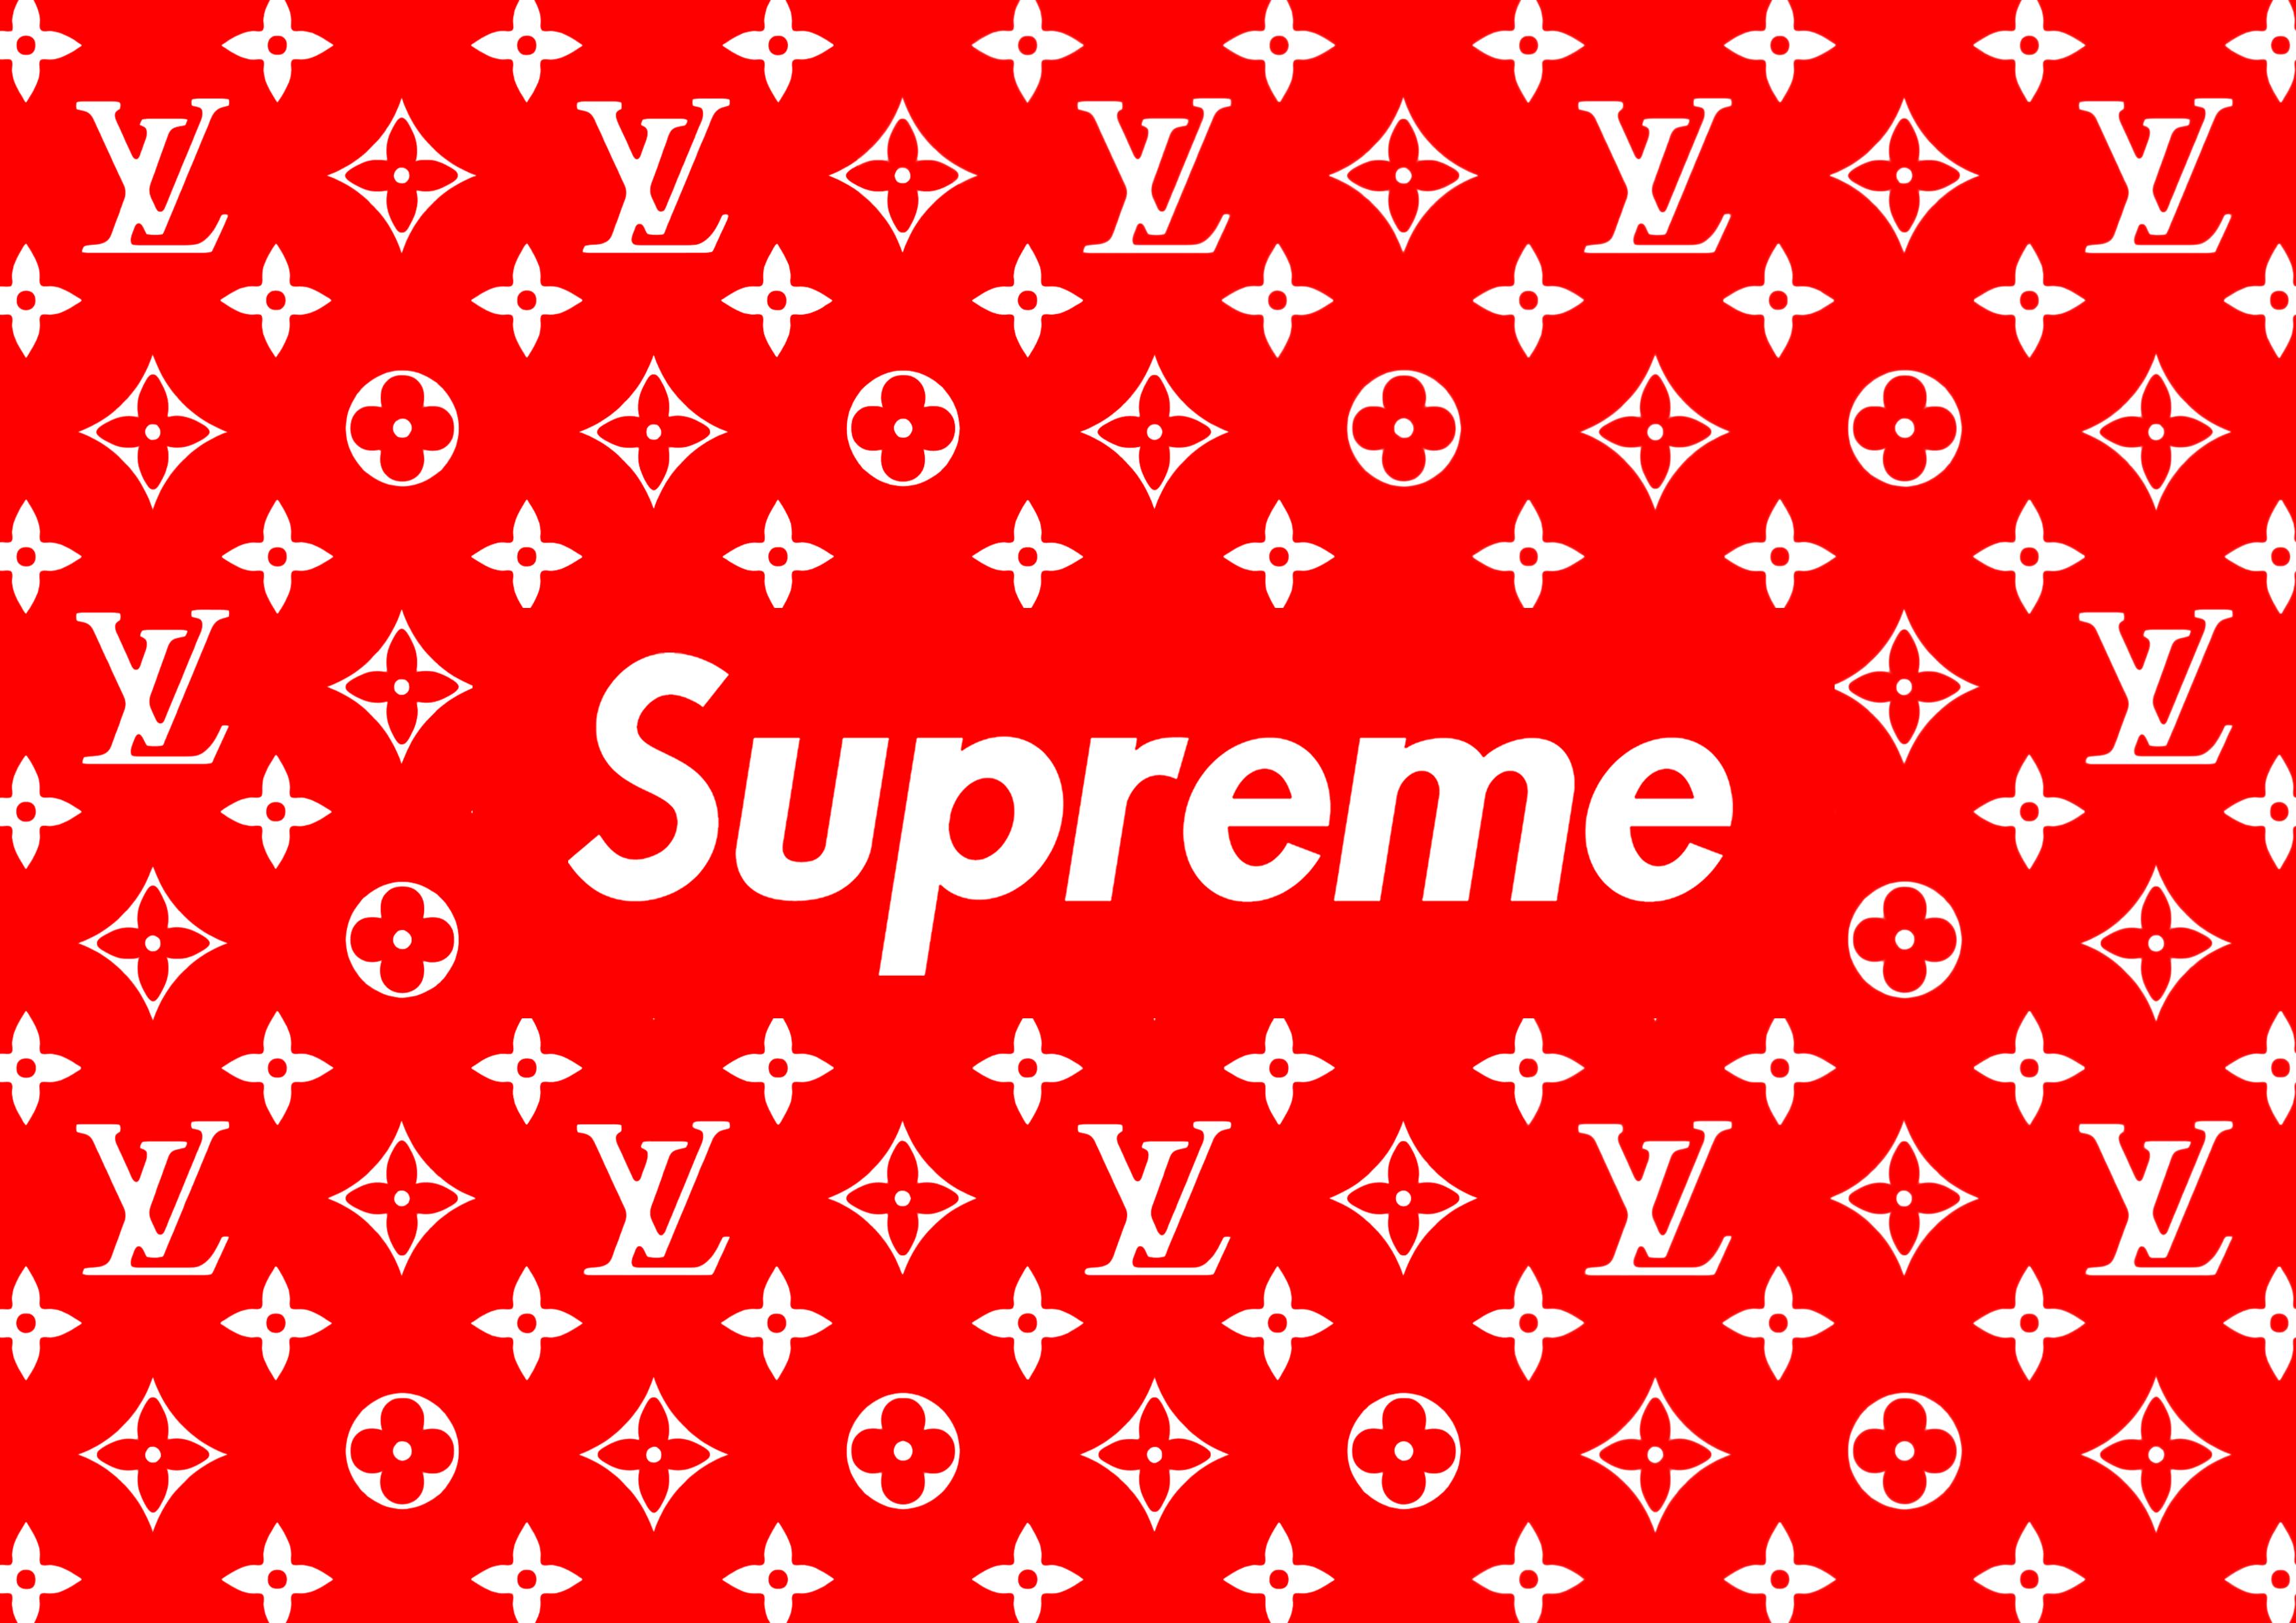 Logo Gucci Supreme Louis Vuitton Wallpaper